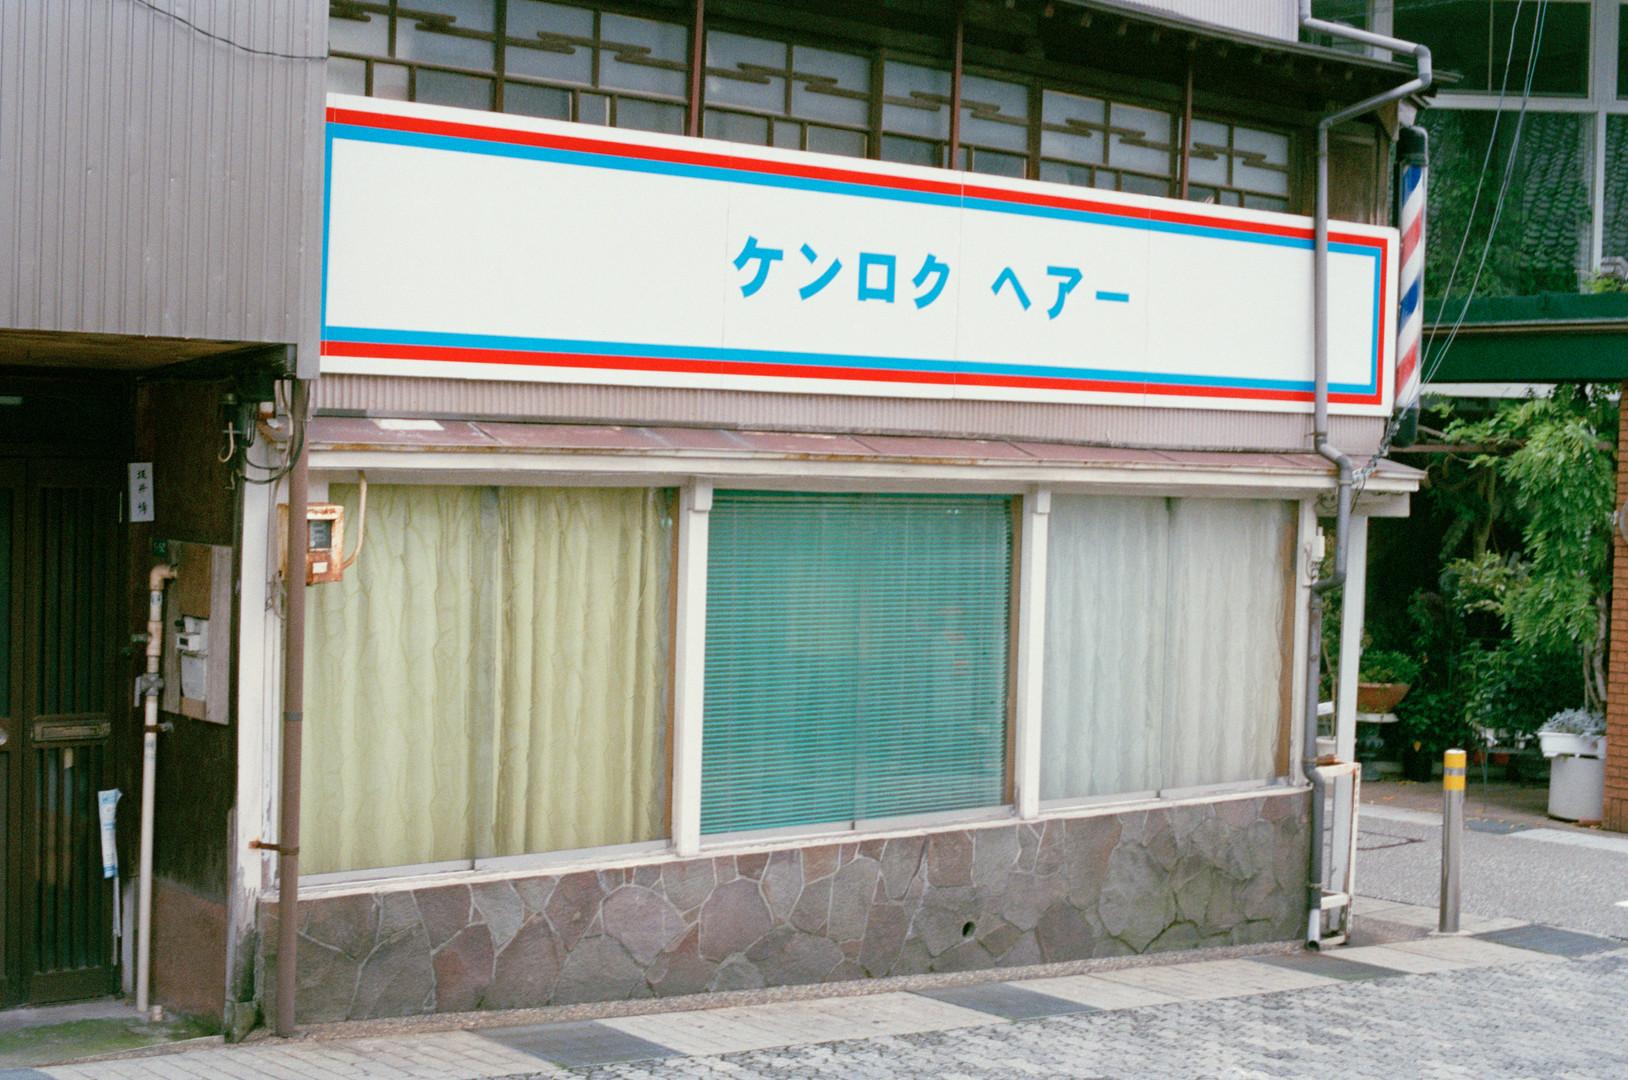 things-japanese_2_1.jpg